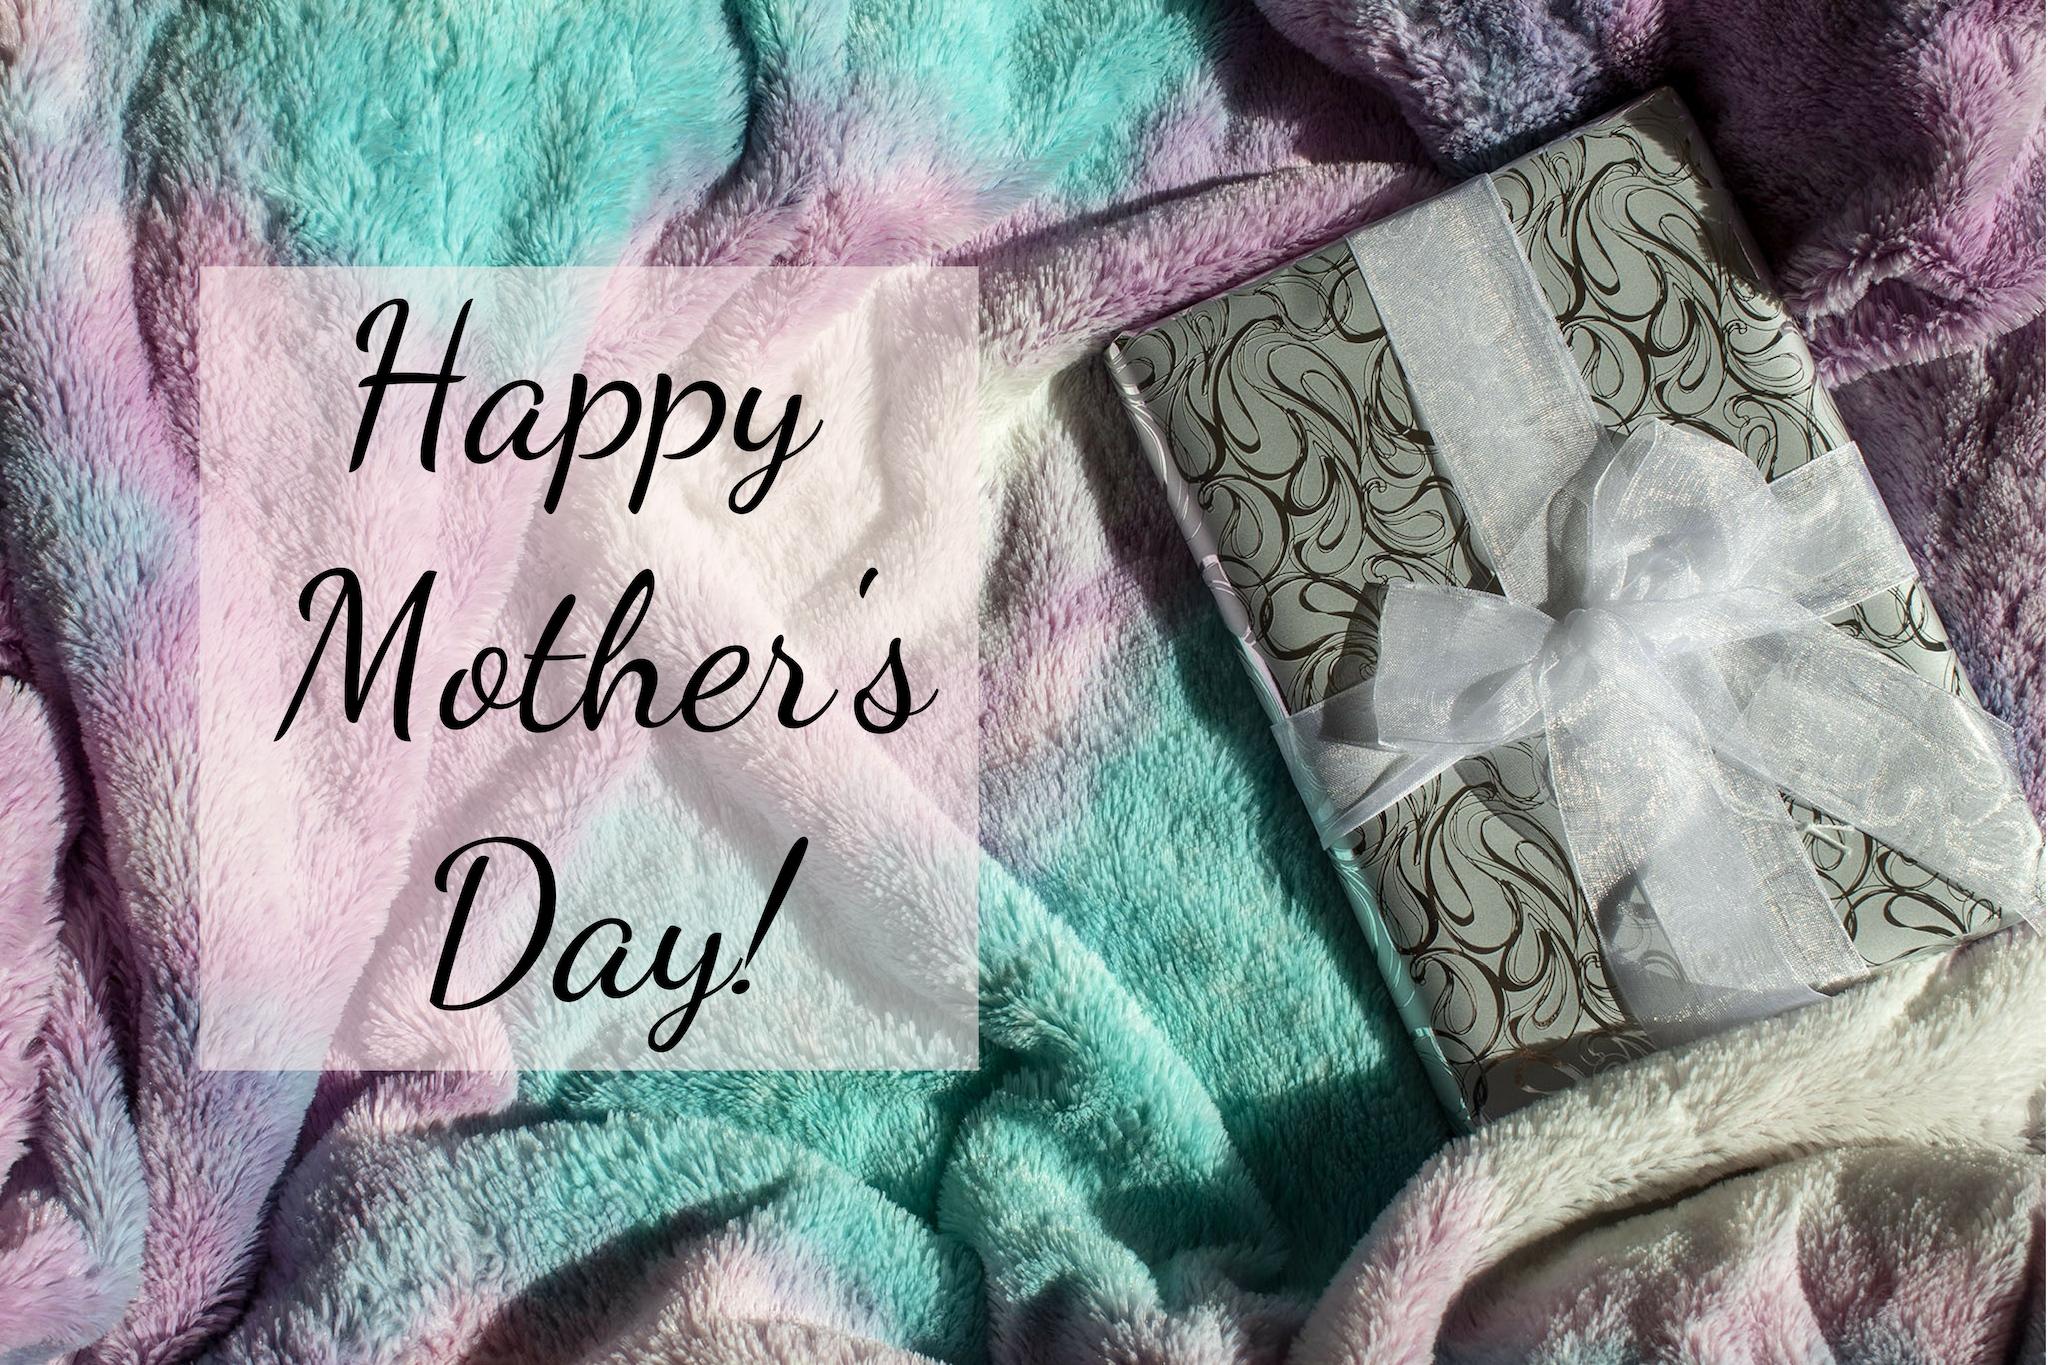 Mother's day gift guide 2019. Read more at https://lukeosaurusandme.co.uk